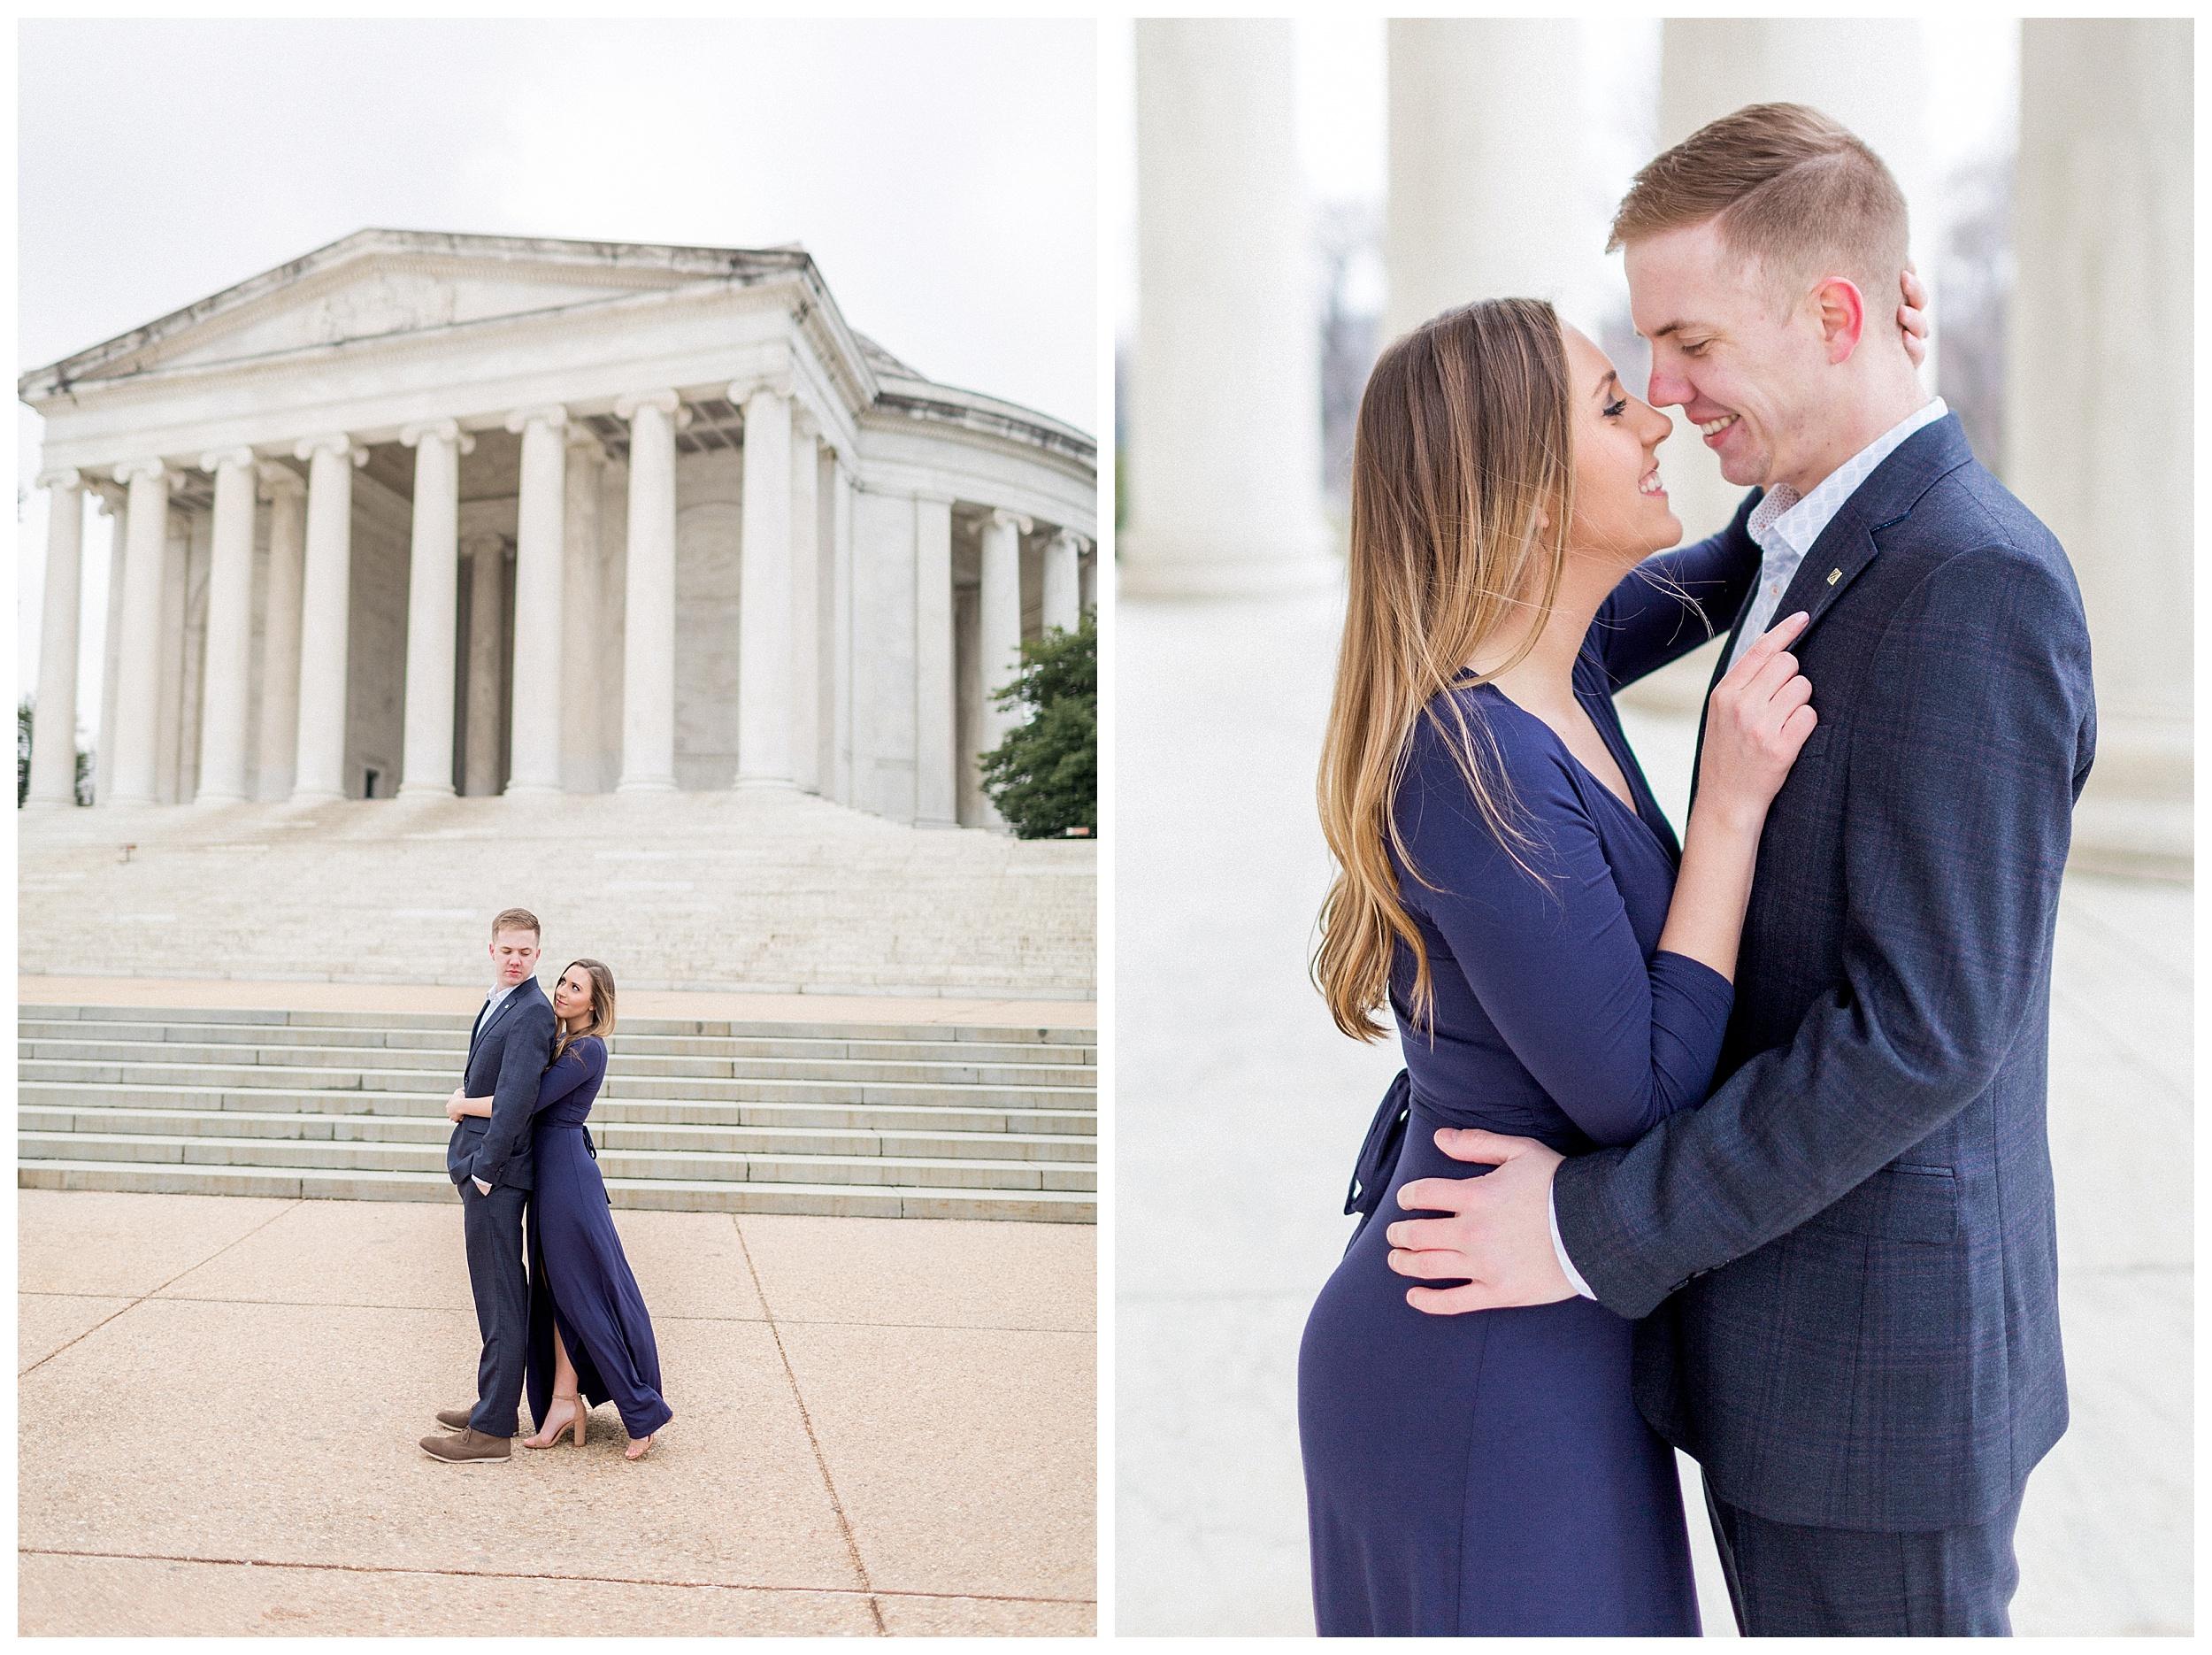 Washingon DC Engagement Photos | Jefferson Memorial Engagement | Kir Tuben_0022.jpg